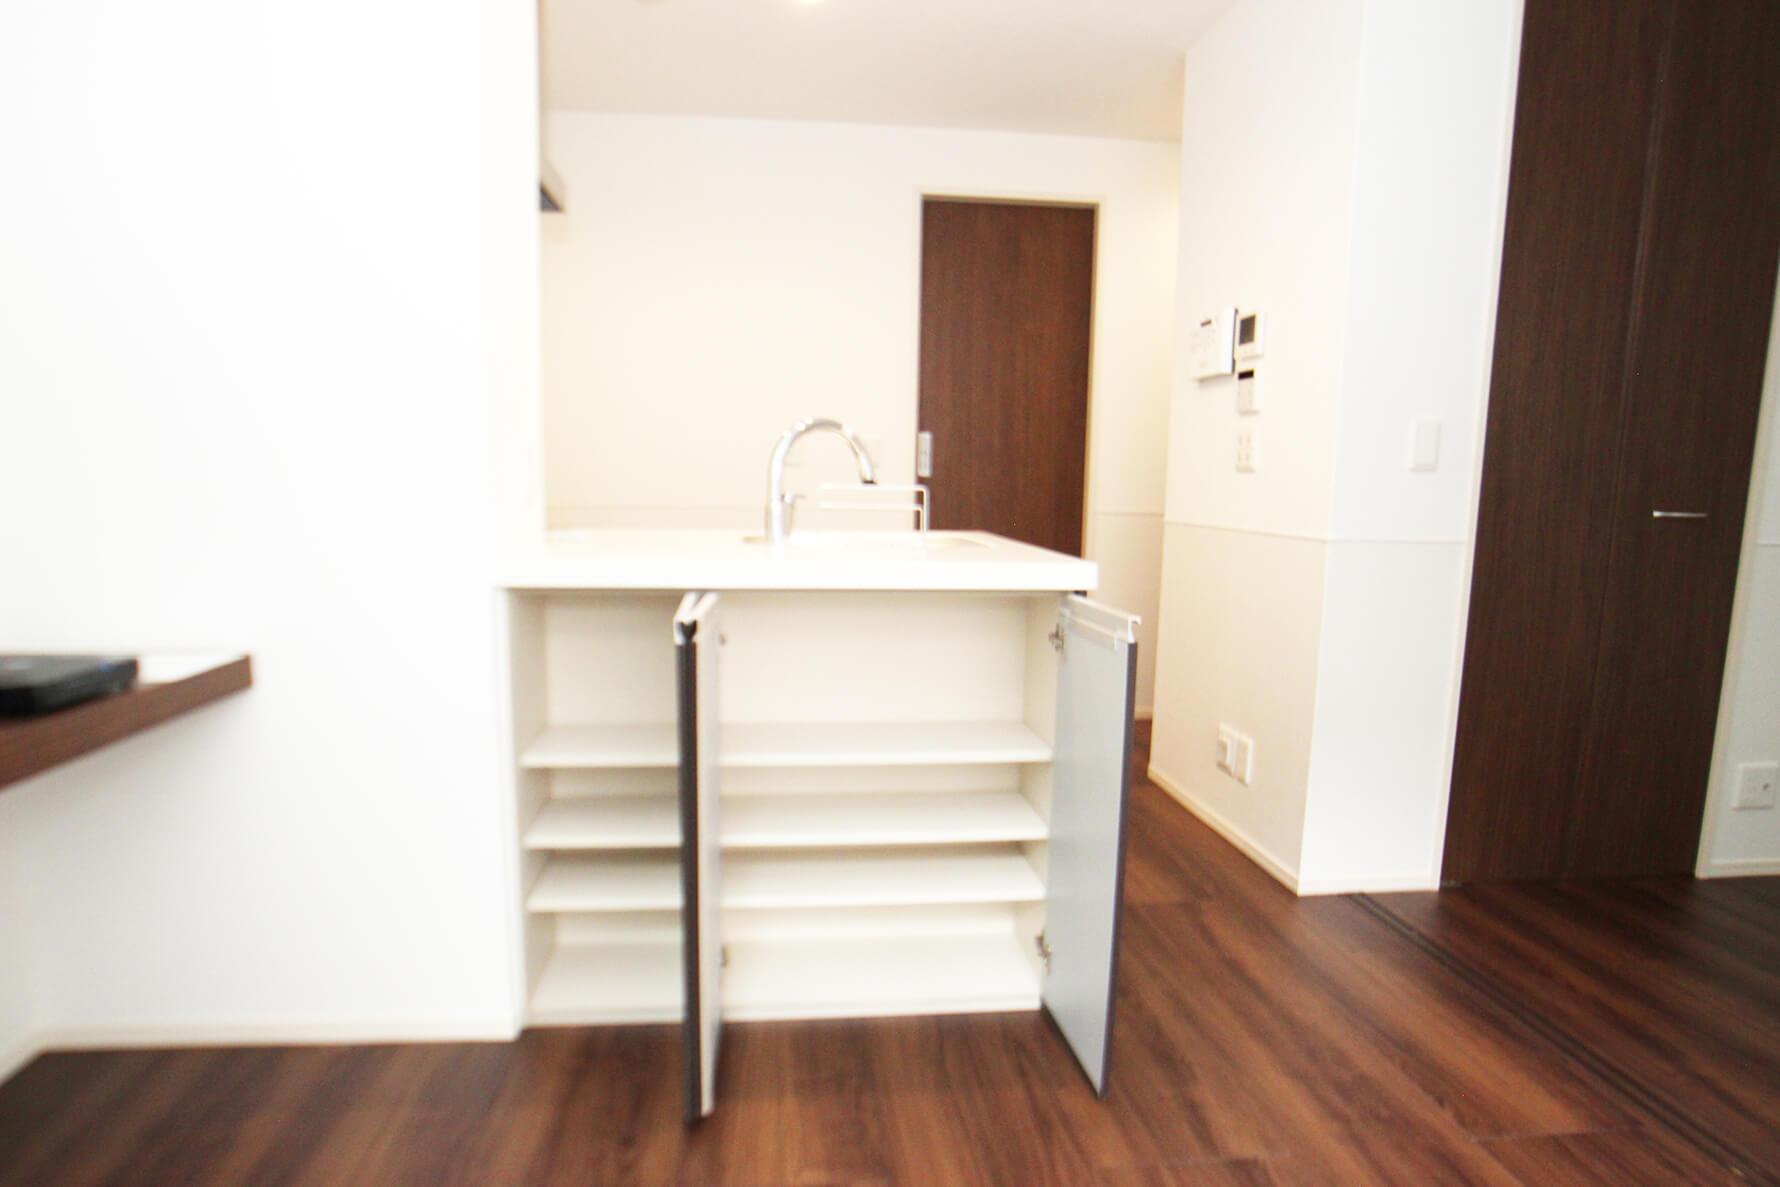 こちらも302号室。キッチン設備のダイニング側は収納になっております! これは便利だにゃ。